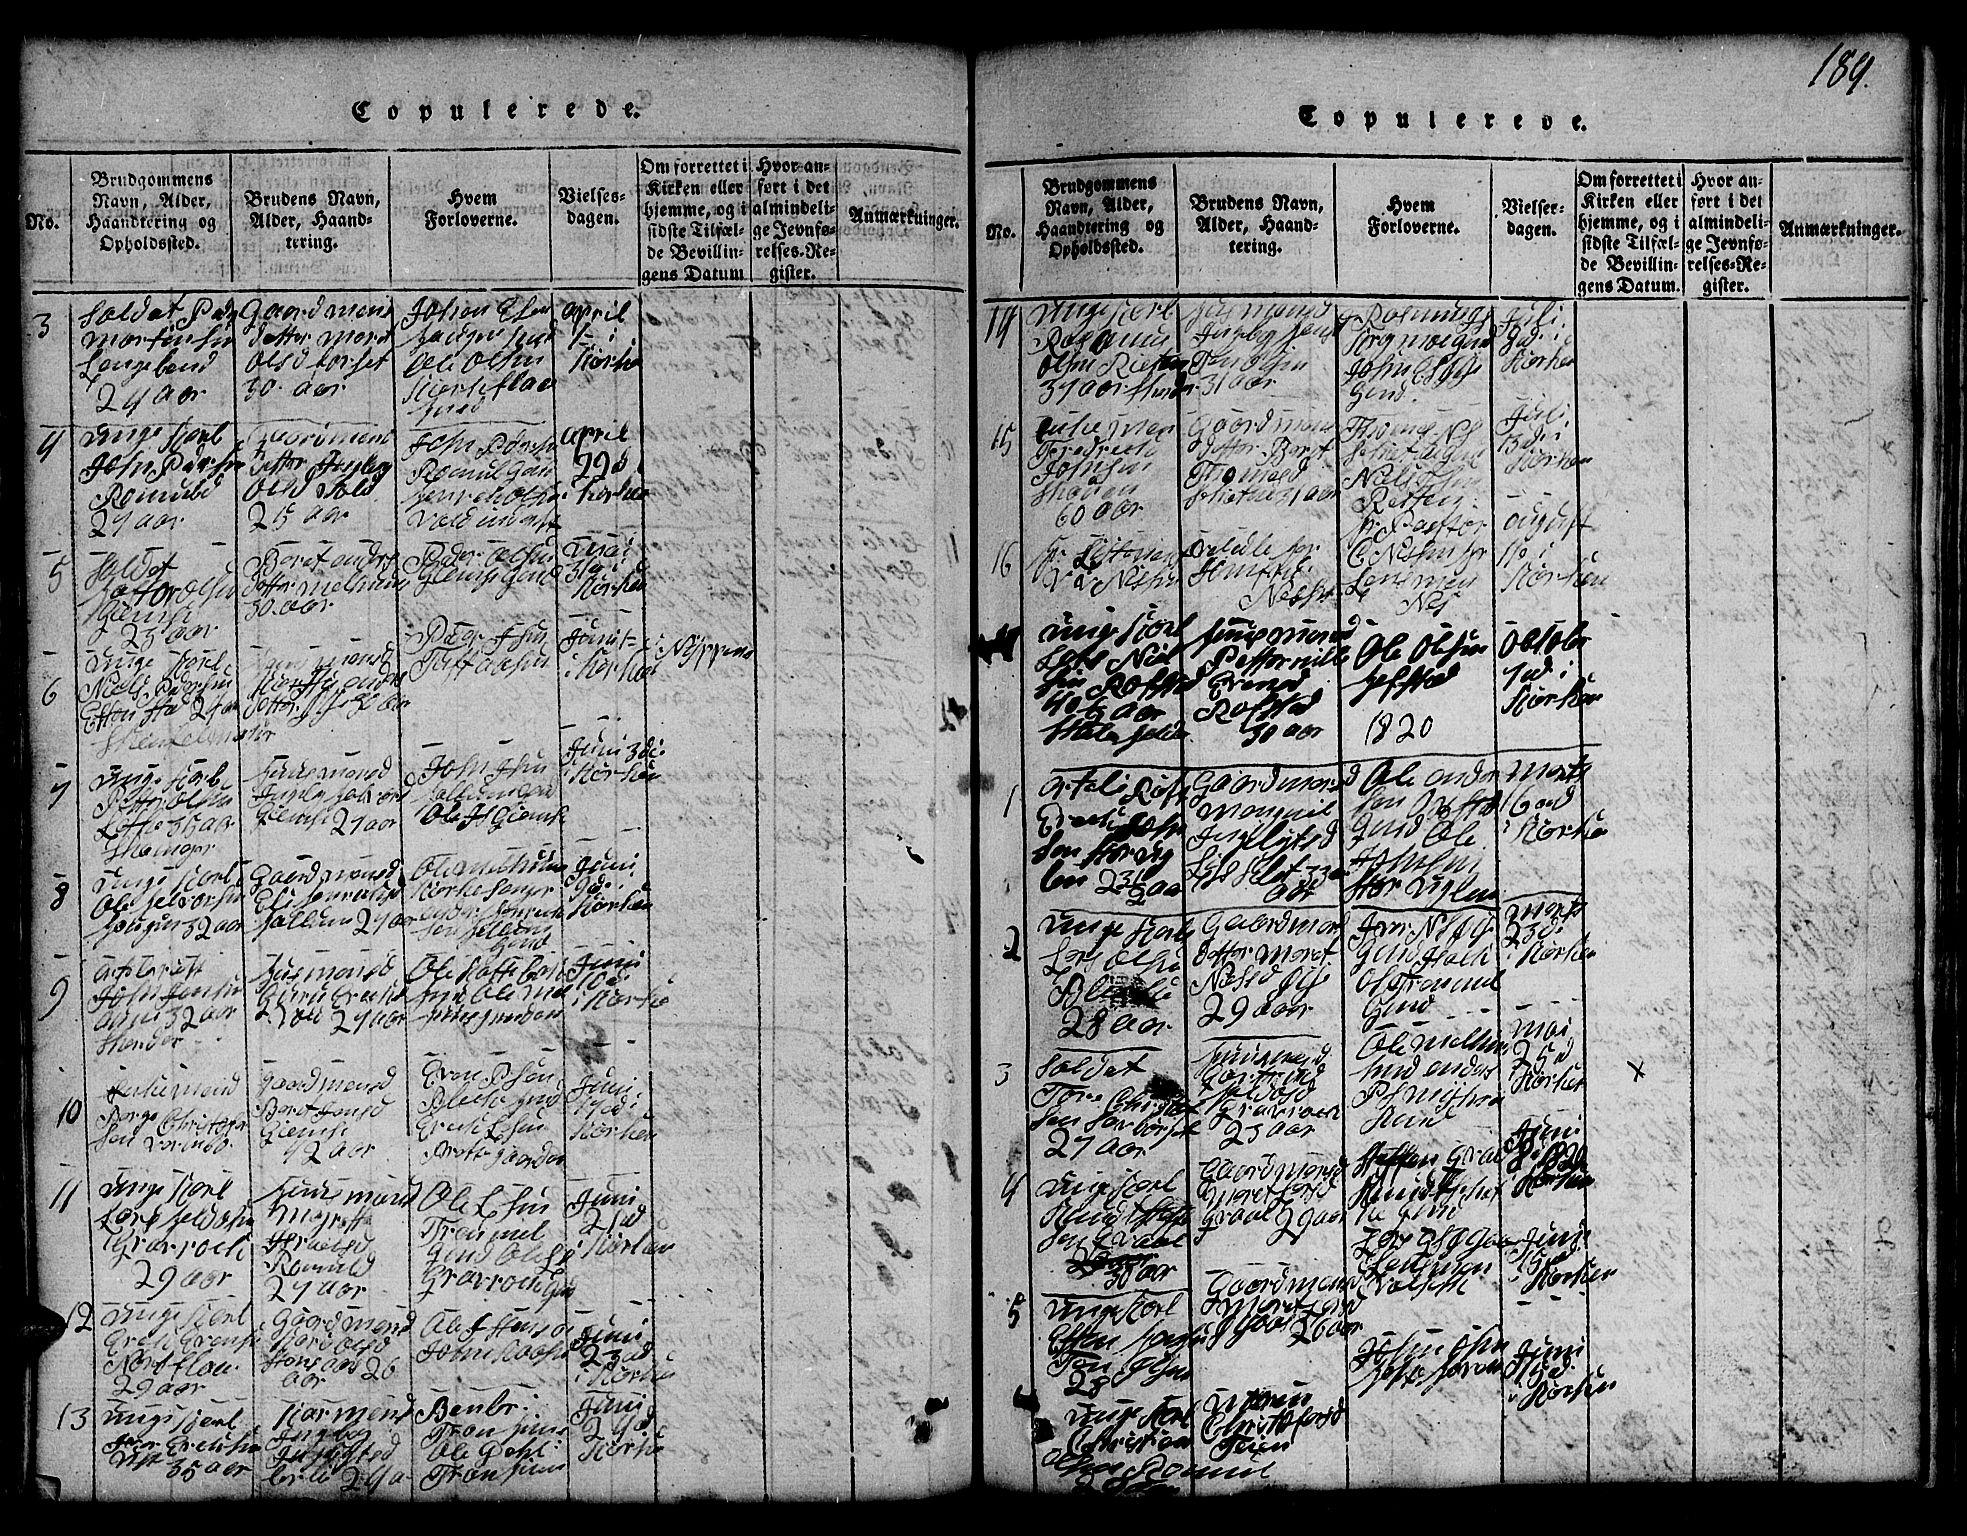 SAT, Ministerialprotokoller, klokkerbøker og fødselsregistre - Sør-Trøndelag, 691/L1092: Klokkerbok nr. 691C03, 1816-1852, s. 189